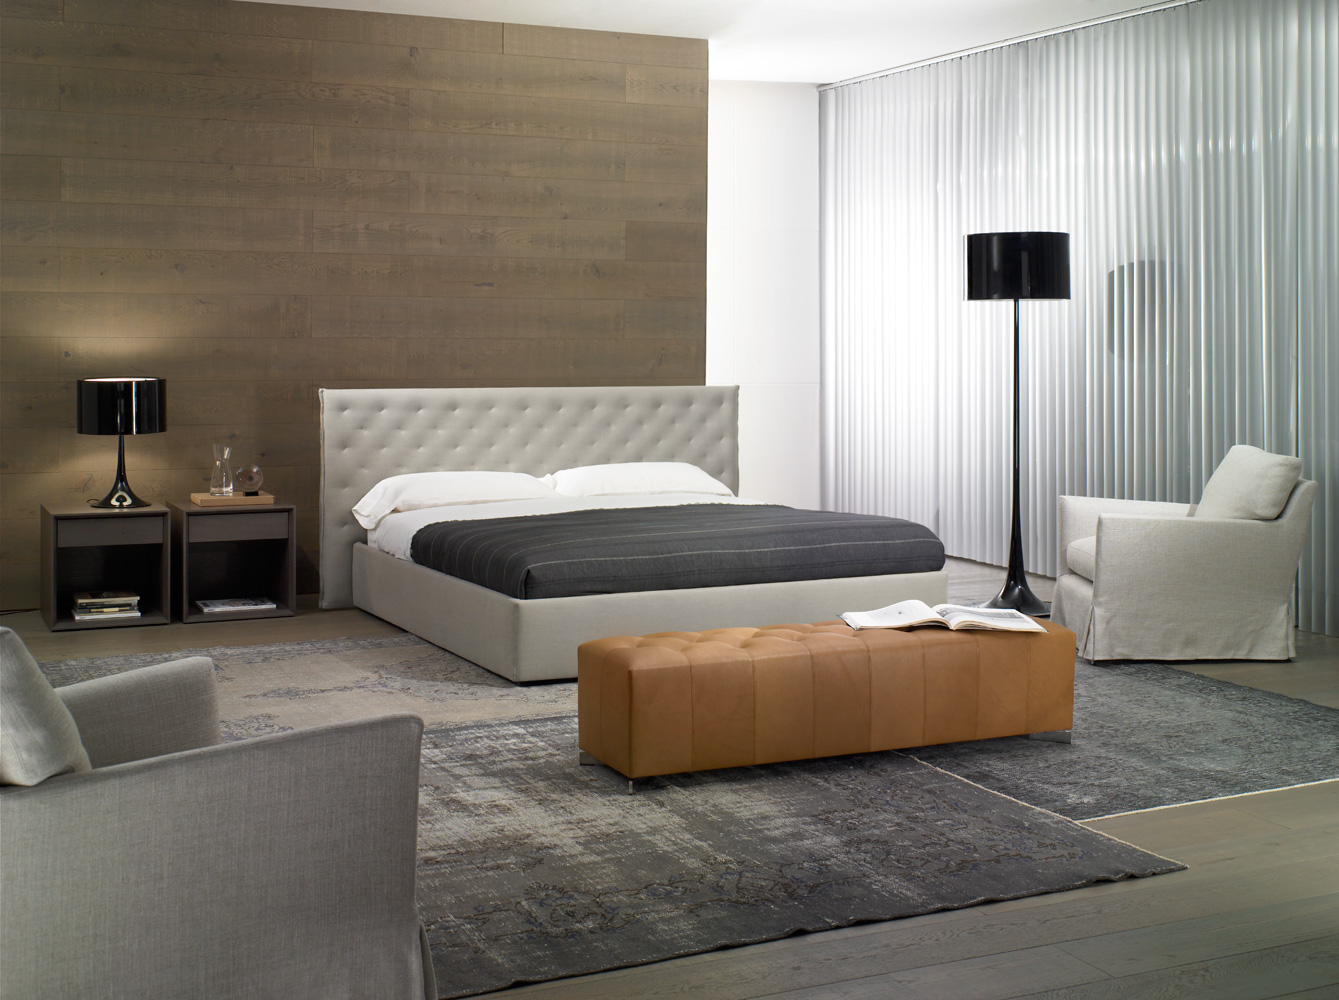 Modernūs miegamojo baldai Valeria